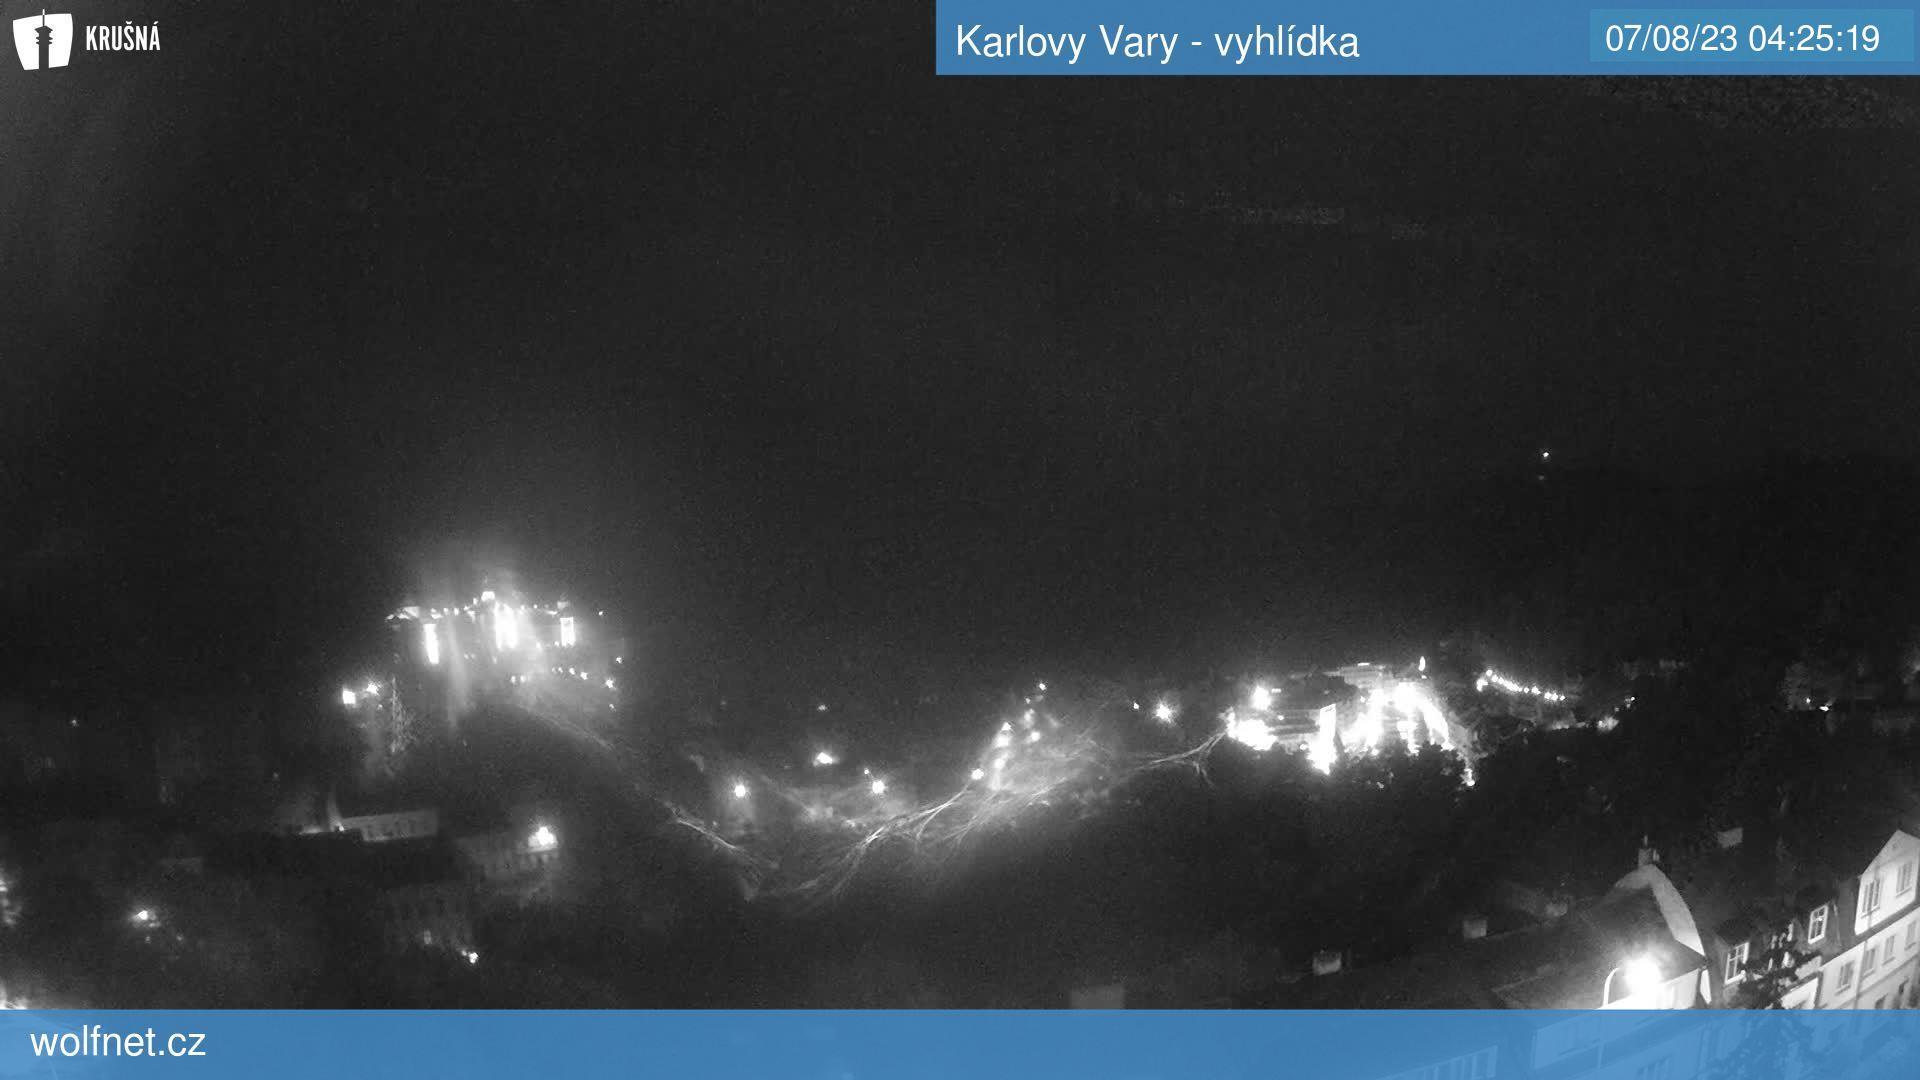 Webkamera KV - vyhlídka